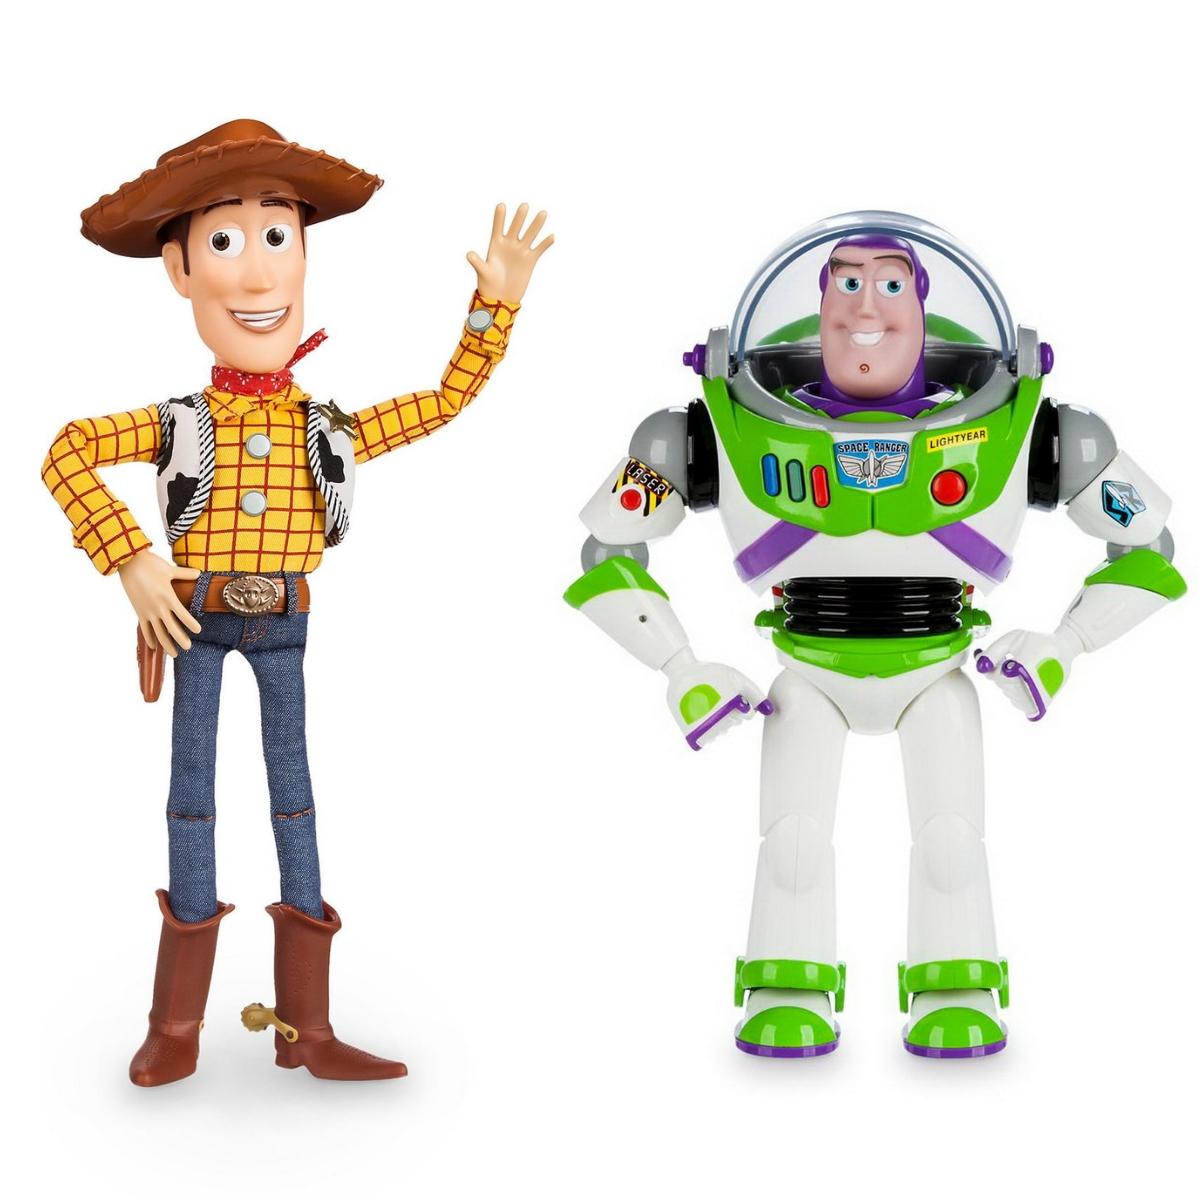 Игрушки из Истории игрушек Базз Лайтер и Вуди Базз_Лайтер_и_Вуди_2.jpg